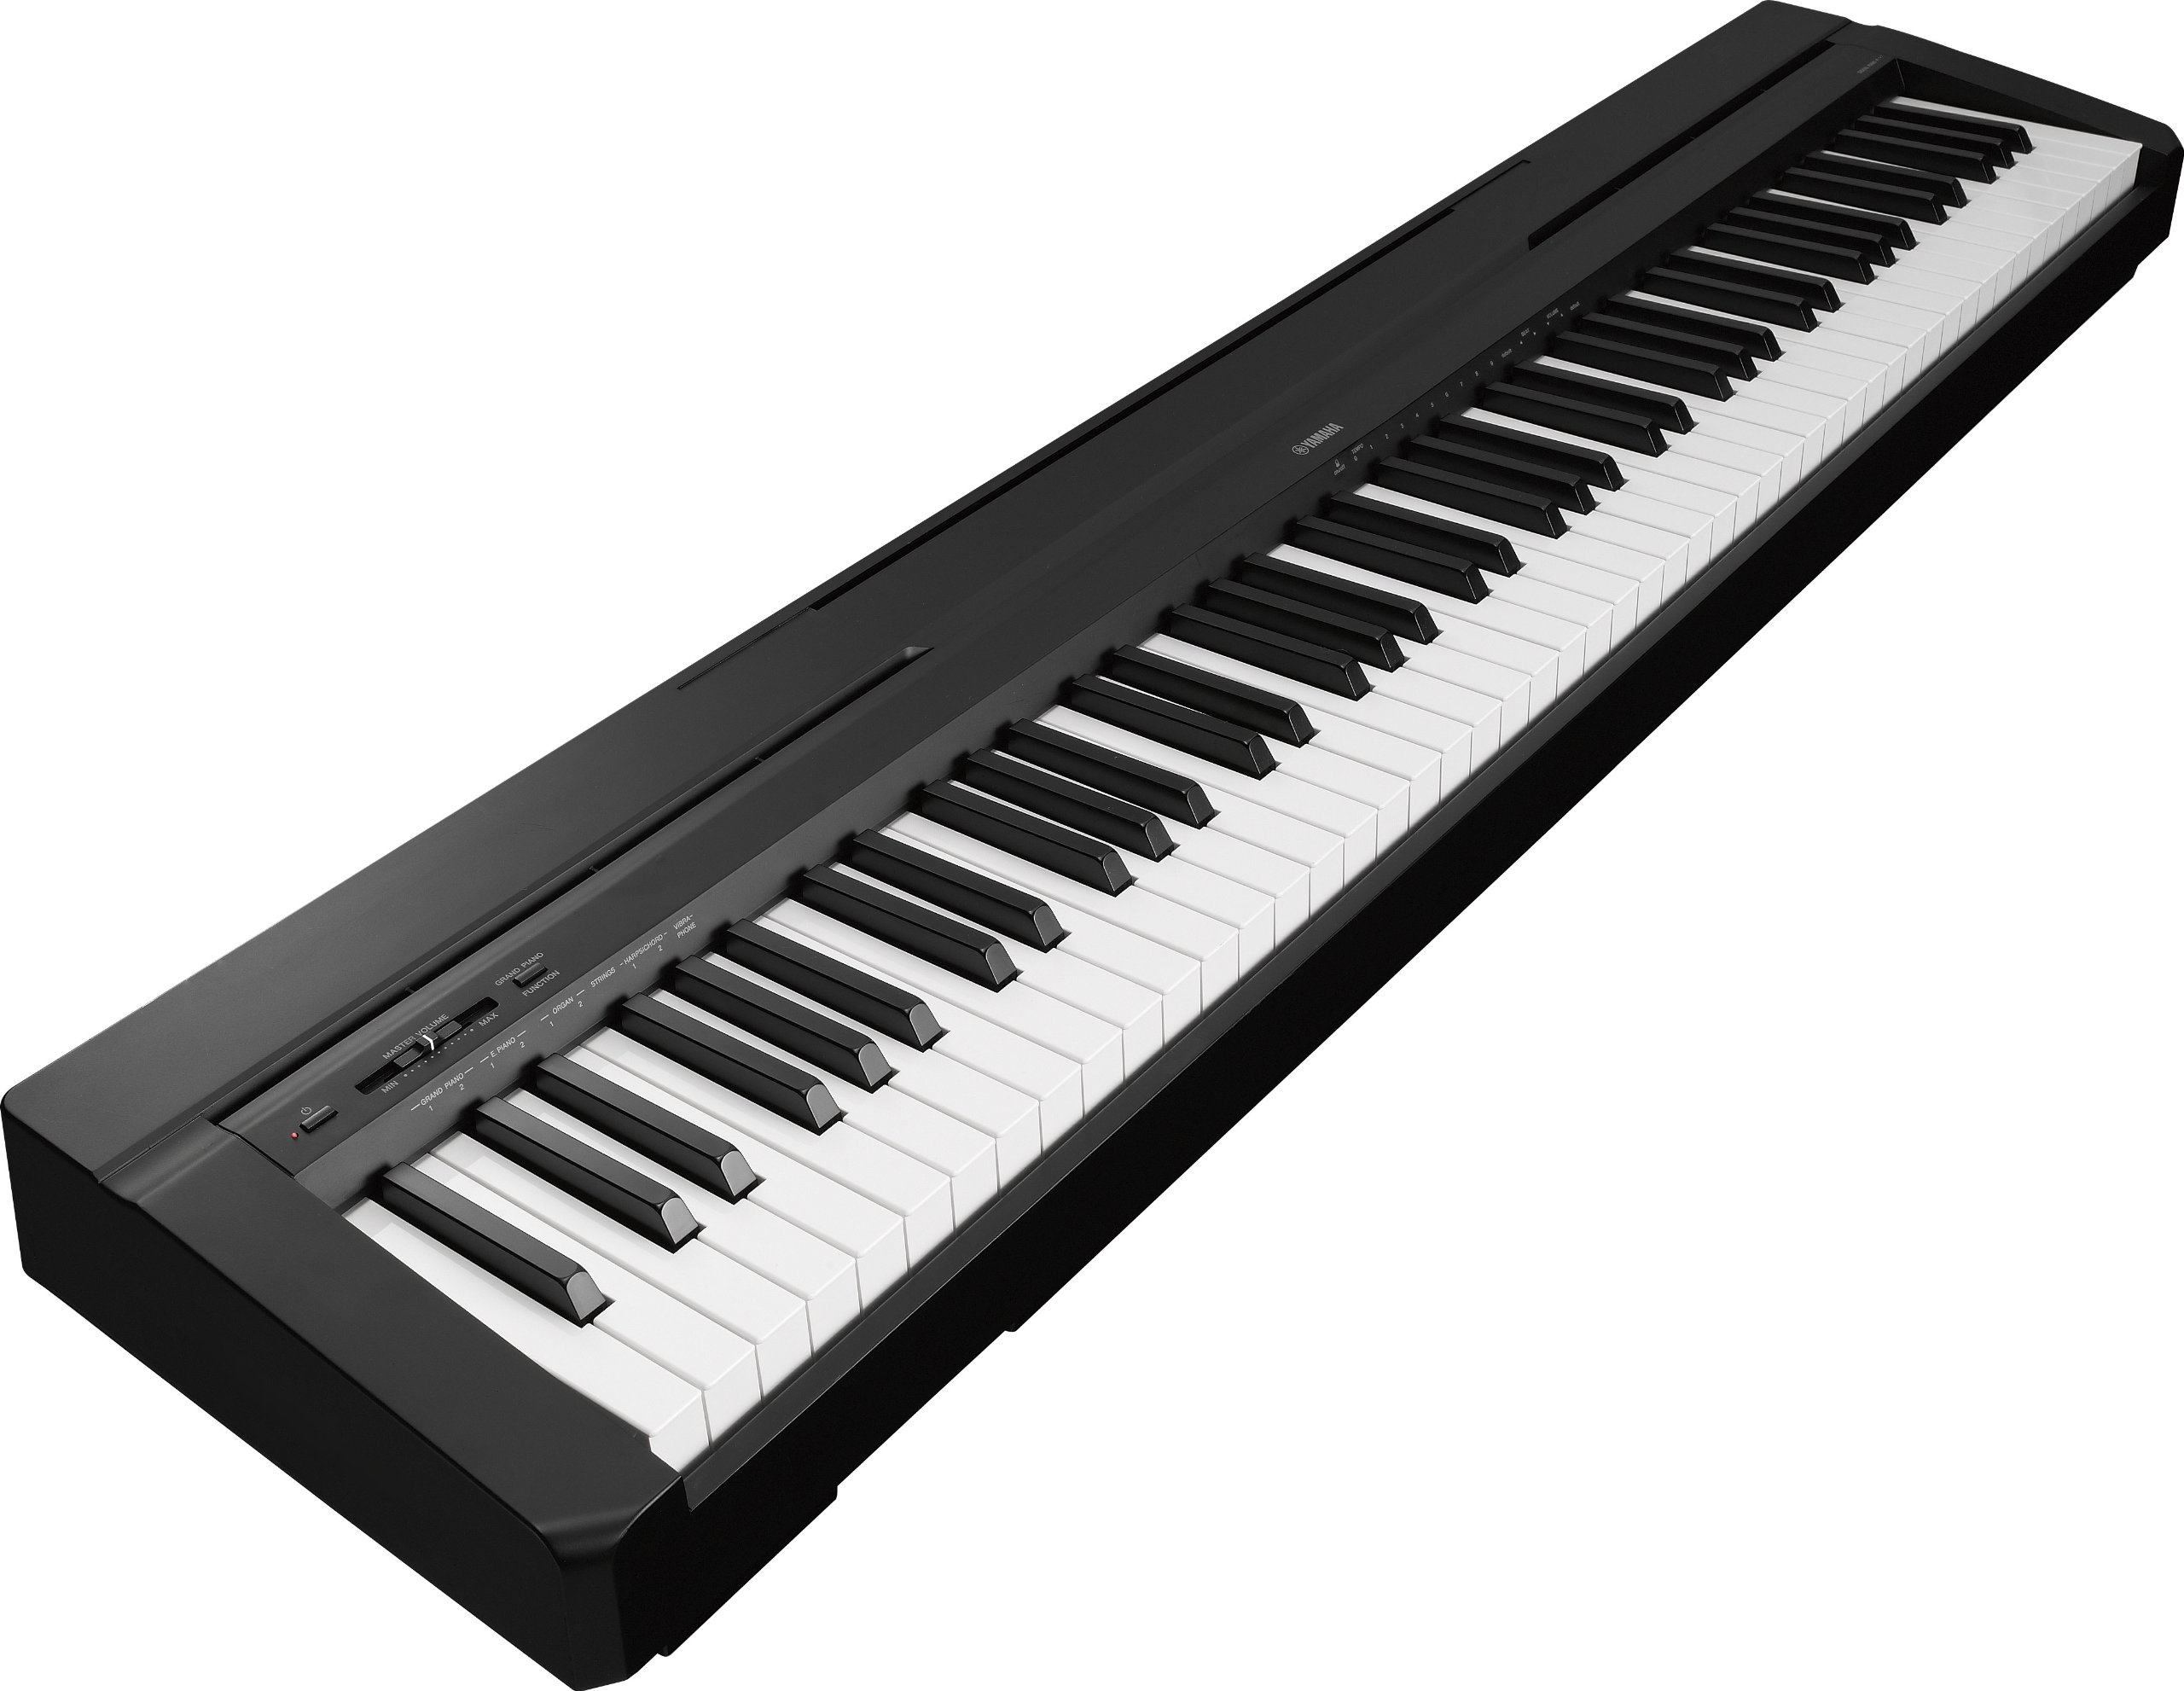 yamaha p35 keyboard